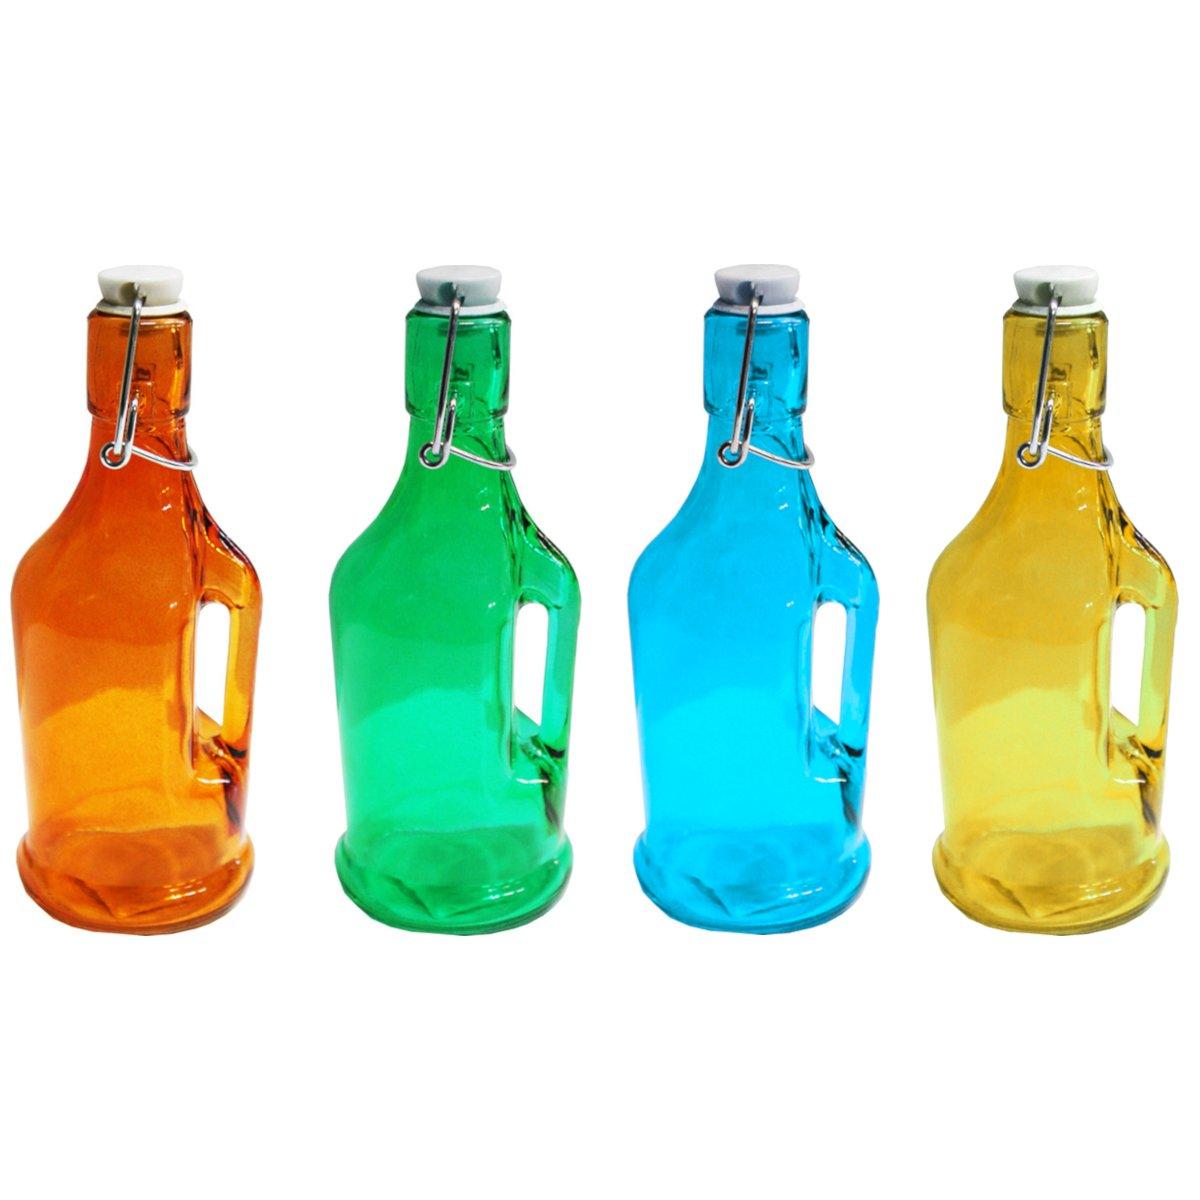 Μπουκάλι γυάλινο χρωματιστό 200 ml Νο 2021